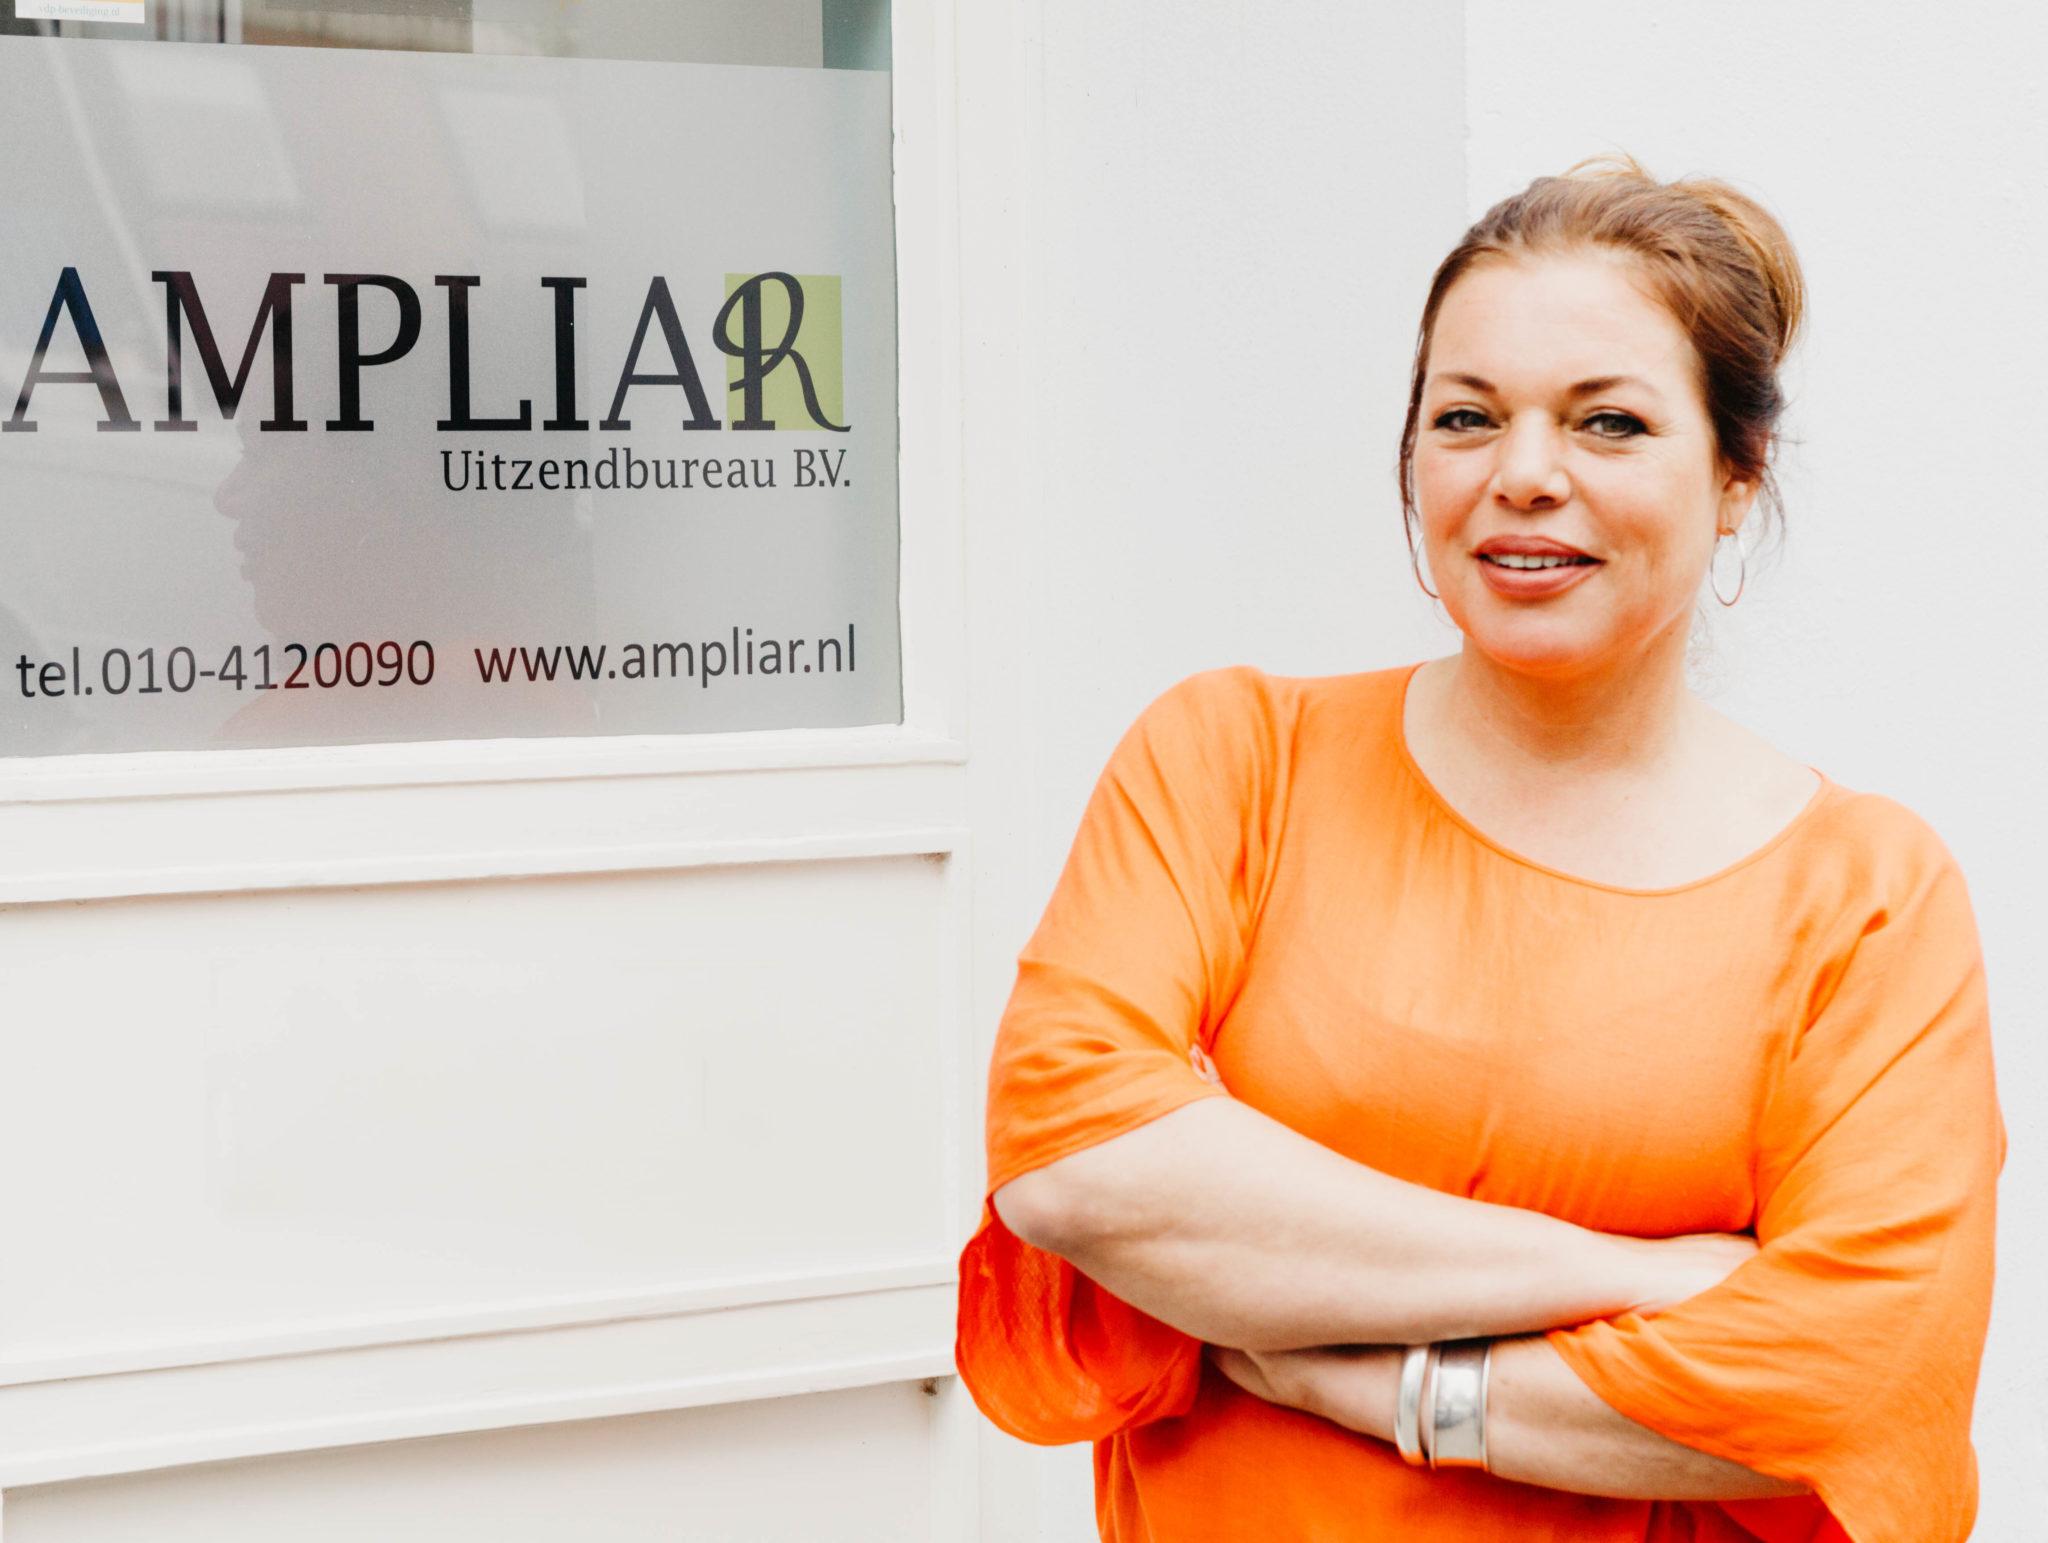 Social Return Rotterdam specialist Annemieke van der Laan